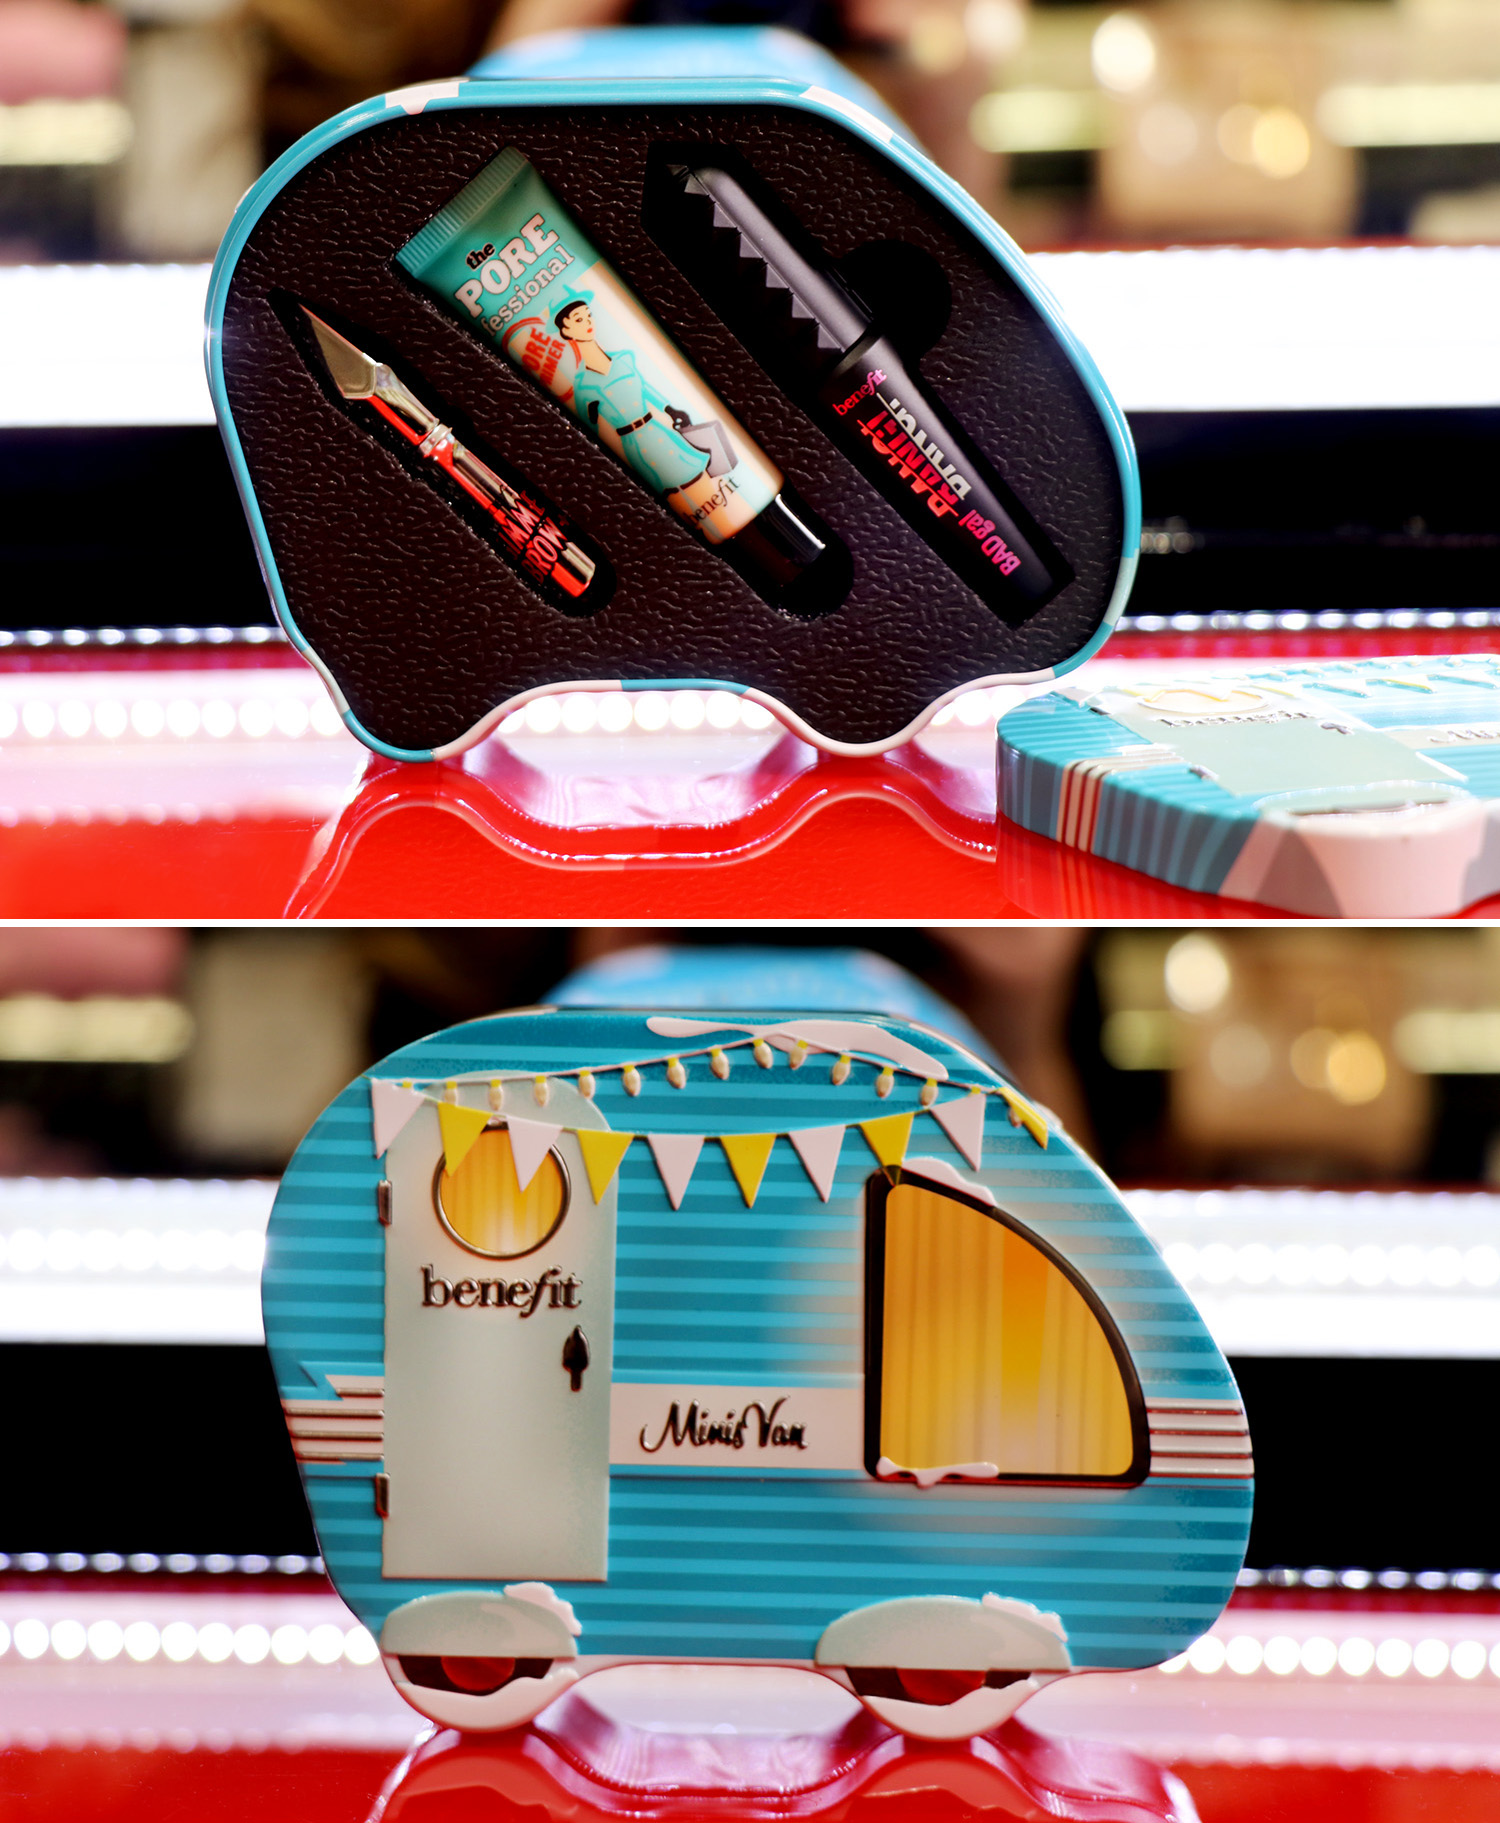 Коледен сет Minis Van от Benefit Cosmetics, 45лв. Всяка уважаваща веждите си дама знае що за чудо са продуктите за очи и вежди на Benefit. Ненадминати в устойчивостта на формулите си и наситеността на цветовете си, спиралите и геловете за вежди неслучайно са едни от най-предпочитаните стилизиращи грим продукти EVER. Мини версии на Gimme Brow+ brow-гела, The POREfessional праймъра и BADgal BANG! спиралата за обем побира сладурски миниван с винтидж дизайн ексклузивно в Sephora тази Коледа.